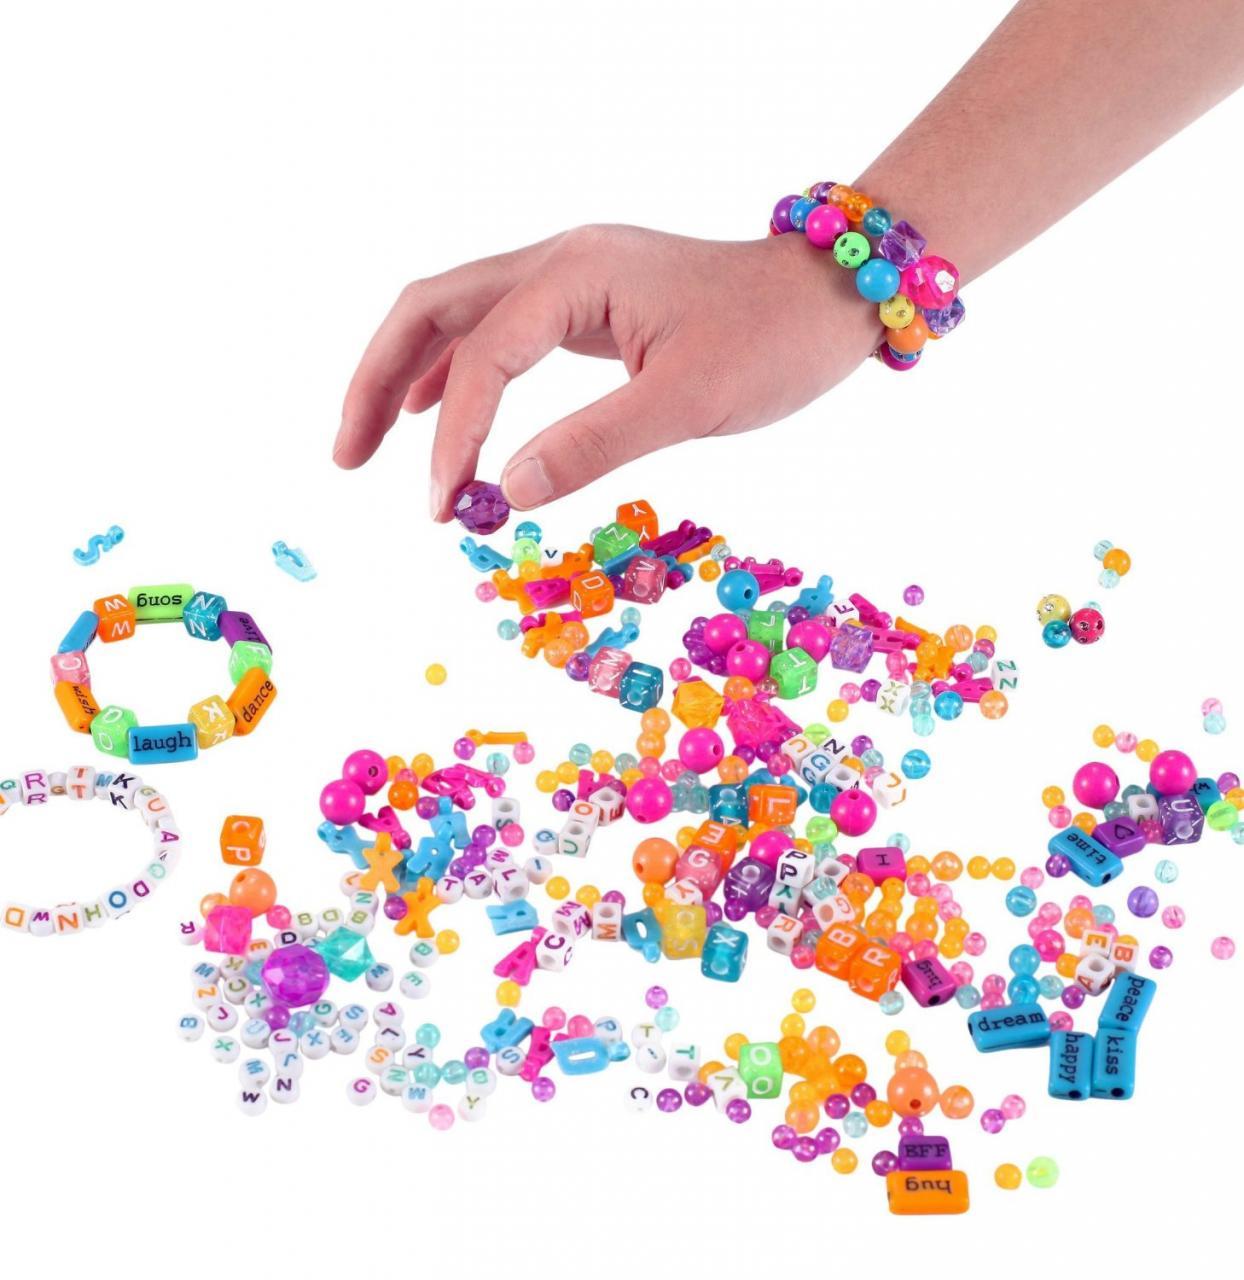 Amazon Bracelet 10 คีย์สินค้า ปี 2016 ข้อมูลที่จัดมาให้เฉพาะกับนักขาย Amazon